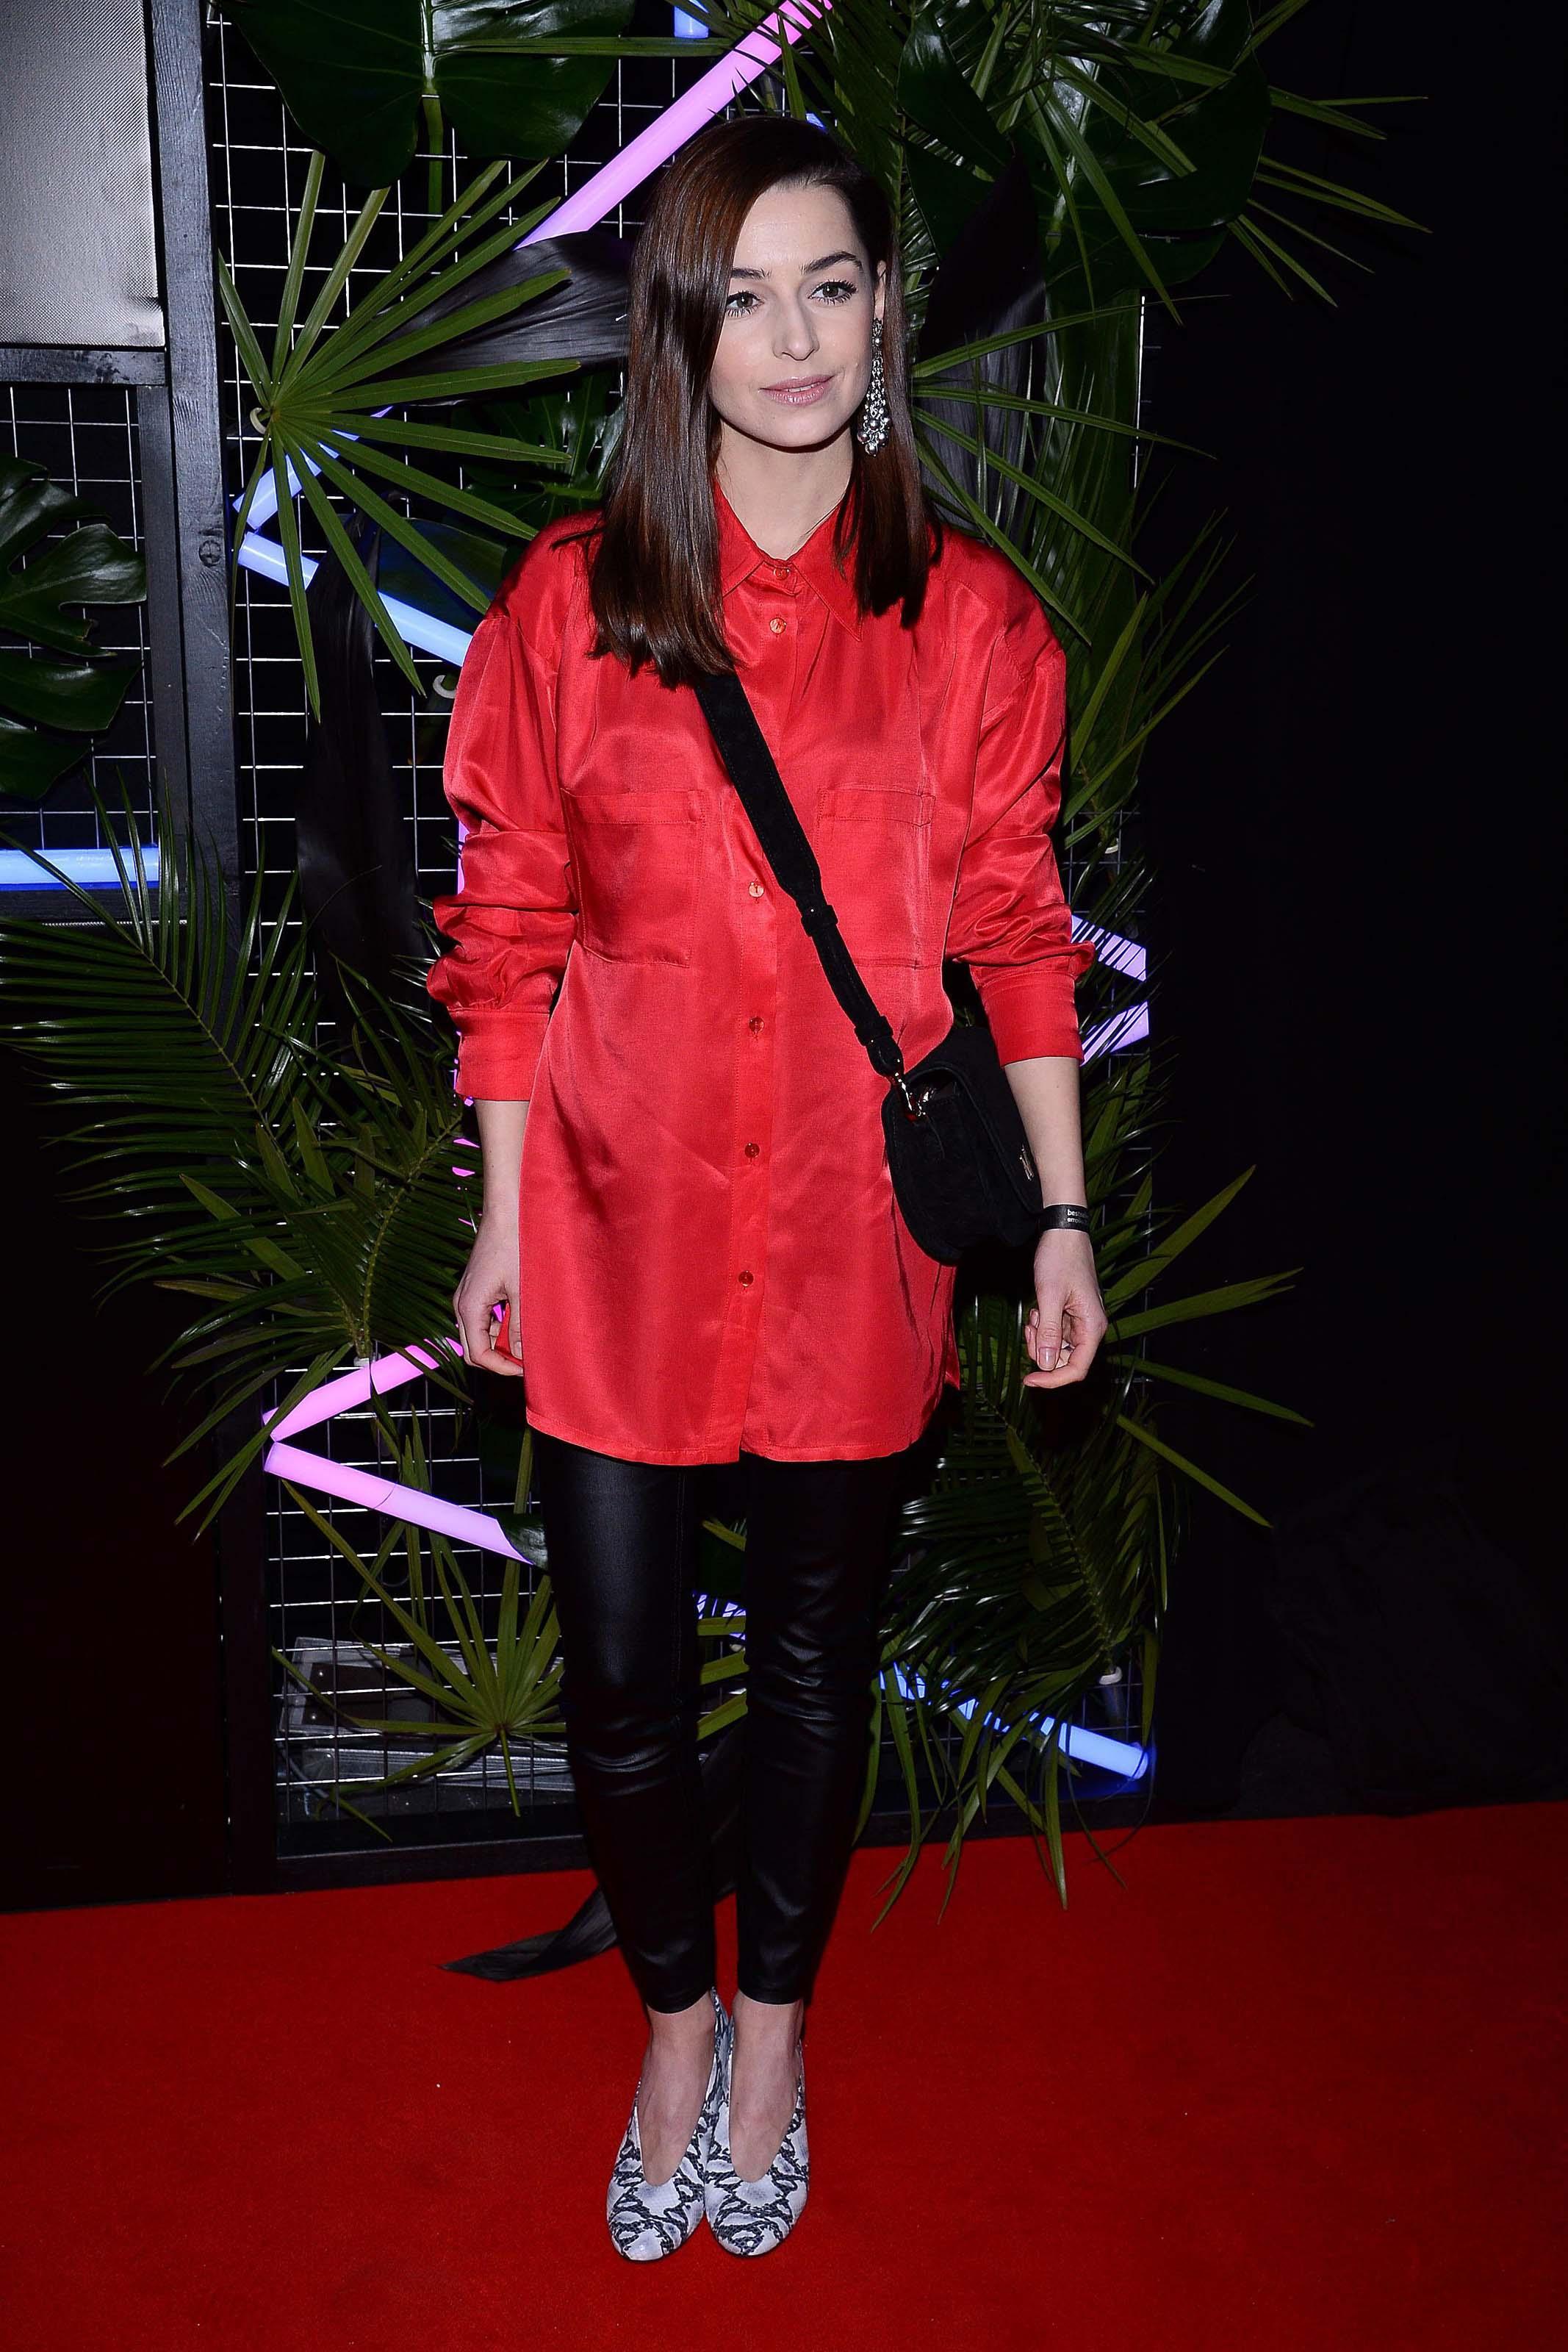 Agnieszka Wiedlocha attends Empik Bestsellers Gala